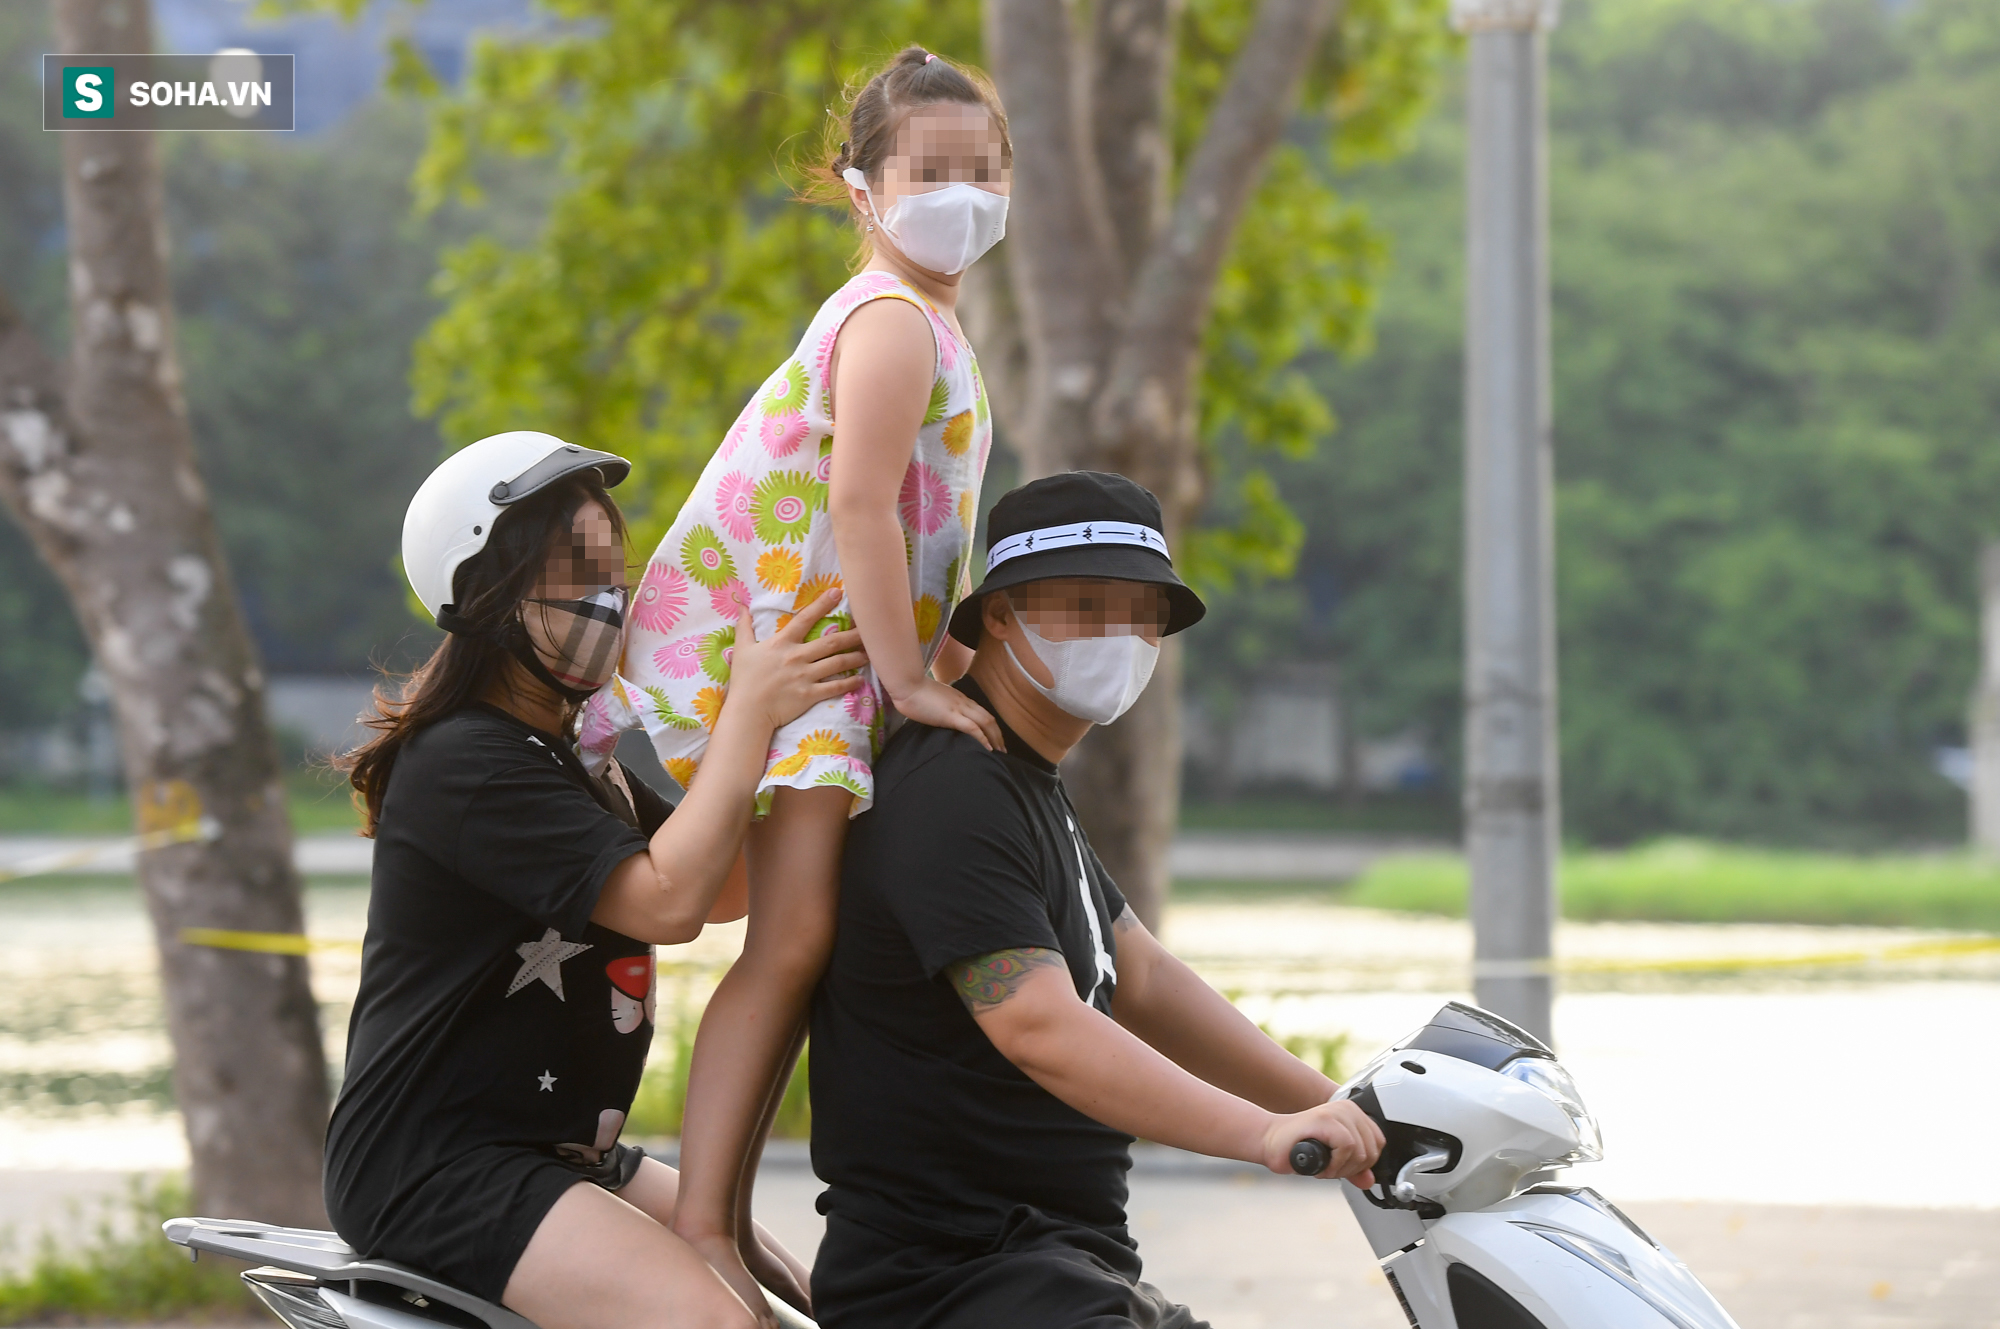 Ra đường mùa dịch: Nhiều người ở Hà Nội nhớ khẩu trang nhưng quên luật giao thông - Ảnh 3.